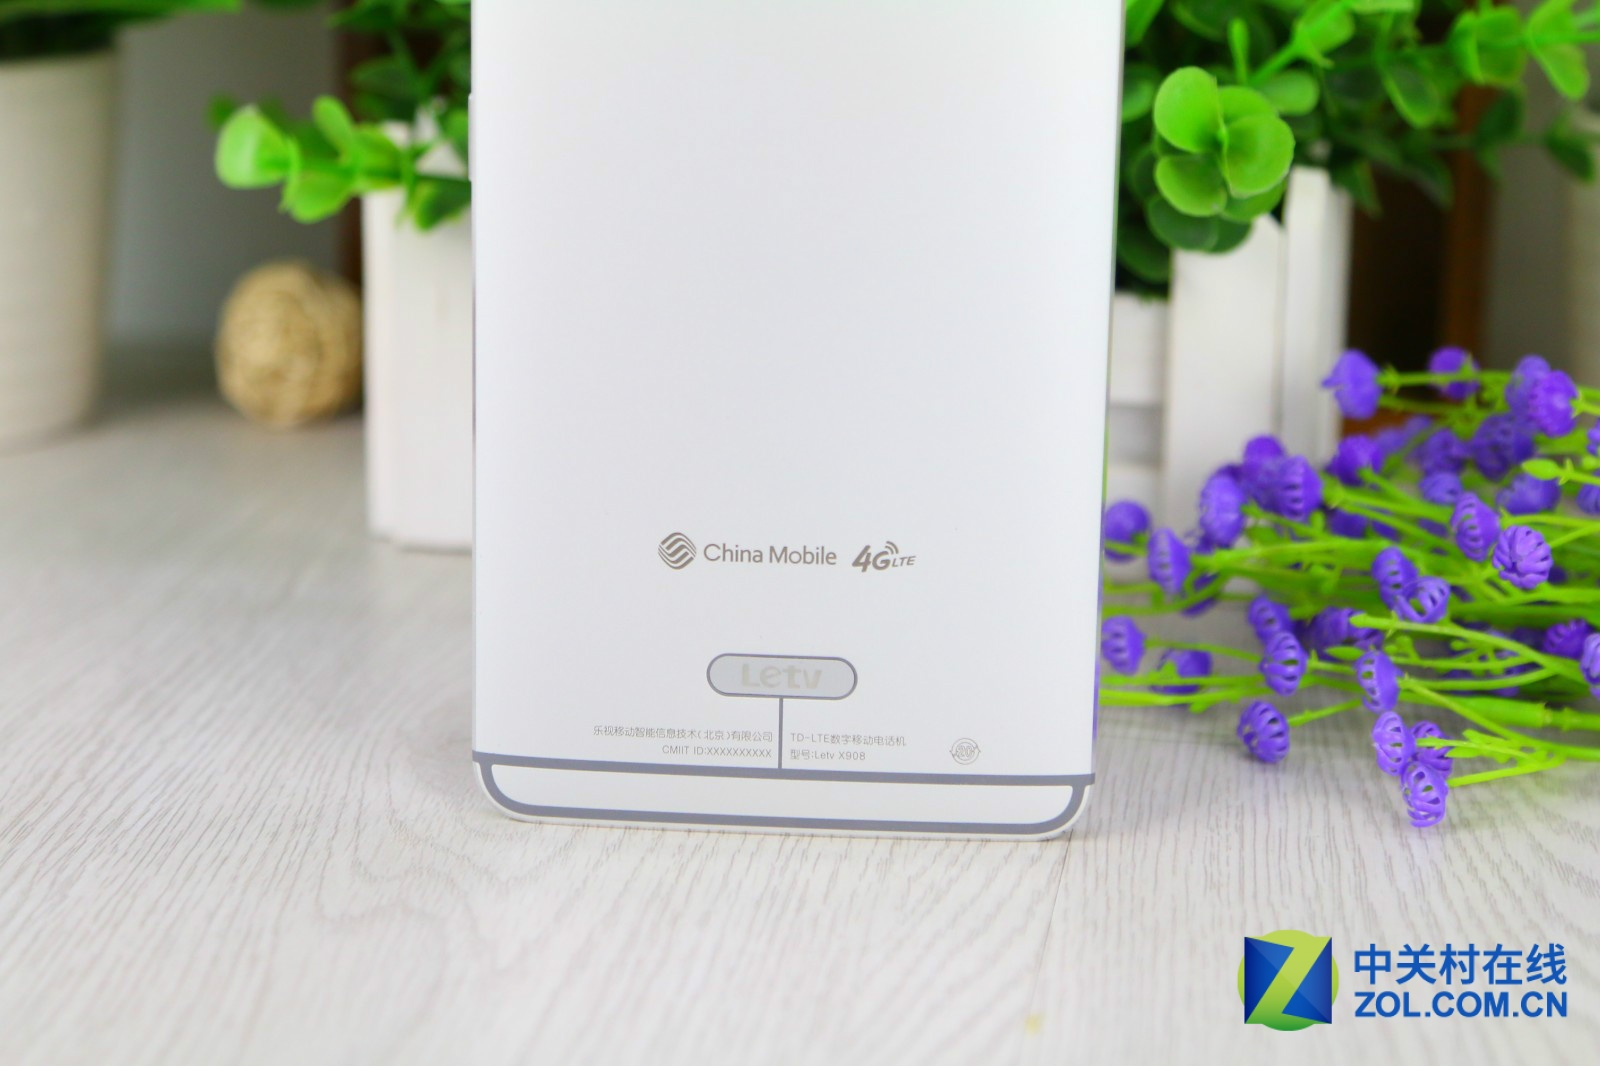 乐视超级手机乐Max是乐视由全民定价的旗舰级机型,该机采用了一体化金属机身和无边框ID设计,颜值爆表。硬件方面,该机配备6.33英寸2K屏幕、骁龙810处理器、4GBRAM、2100万主摄像头、3400mAh电池。此外,该机还内置了指纹识别和无线HDMI模块,支持4G双卡双待。